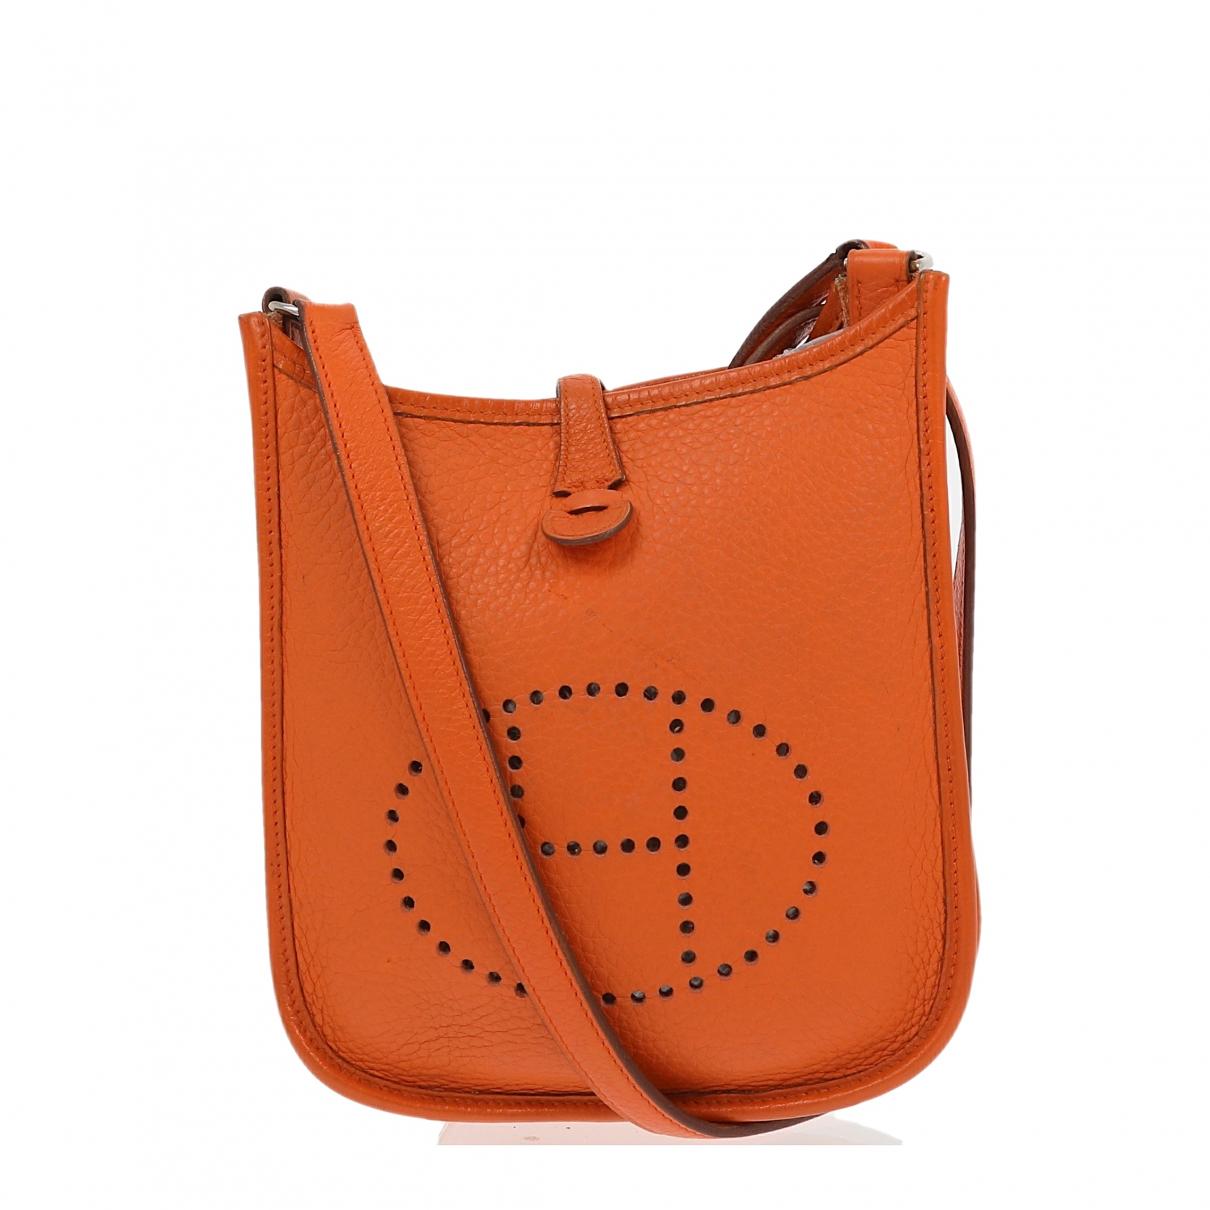 Hermes Evelyne Handtasche in  Orange Leder